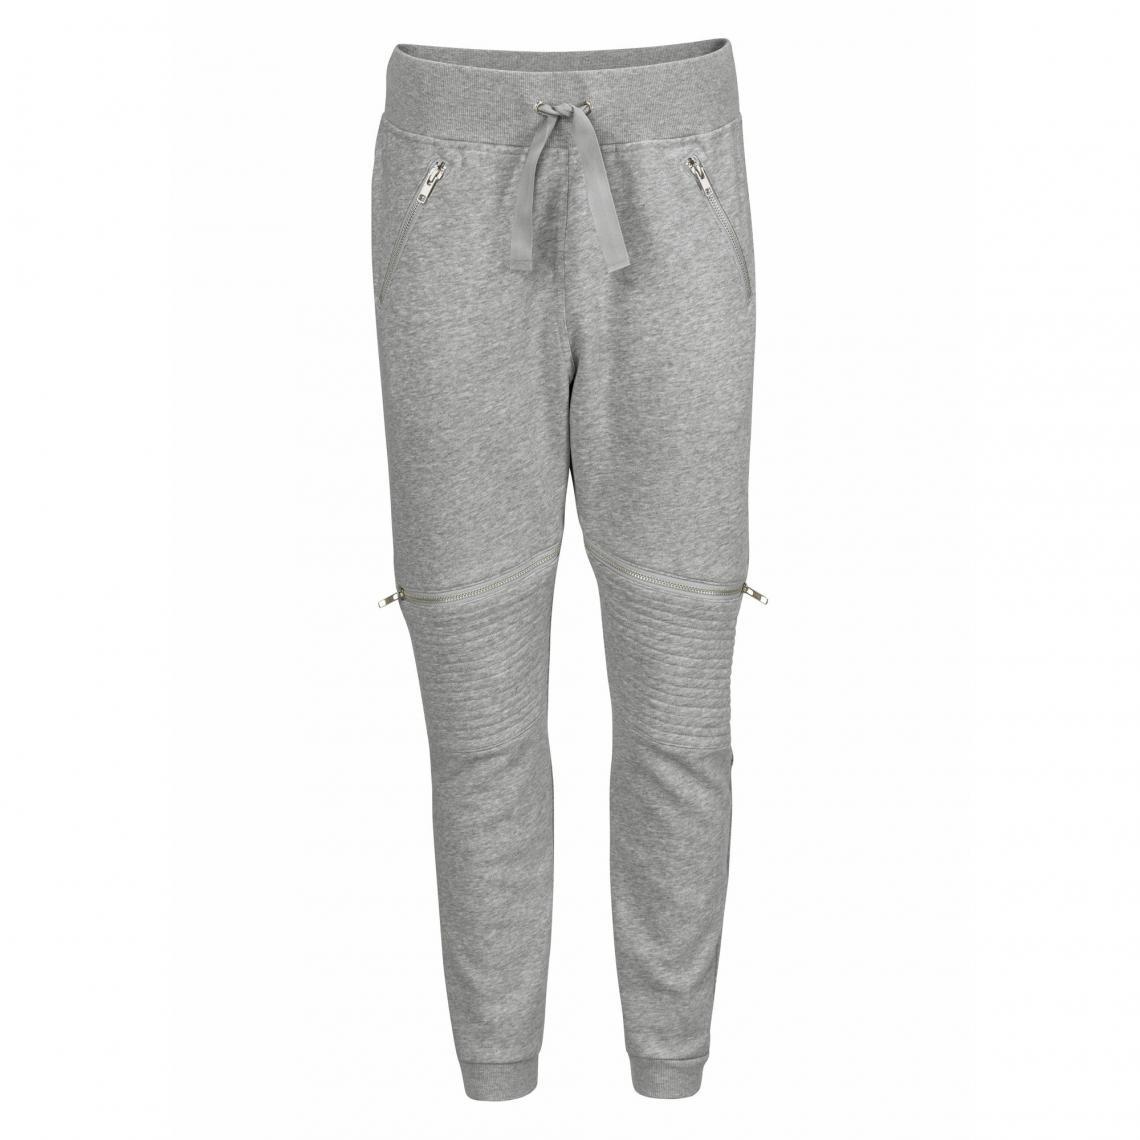 7976732e590b4 Pantalon de jogging sport femme Reebok - Gris Reebok